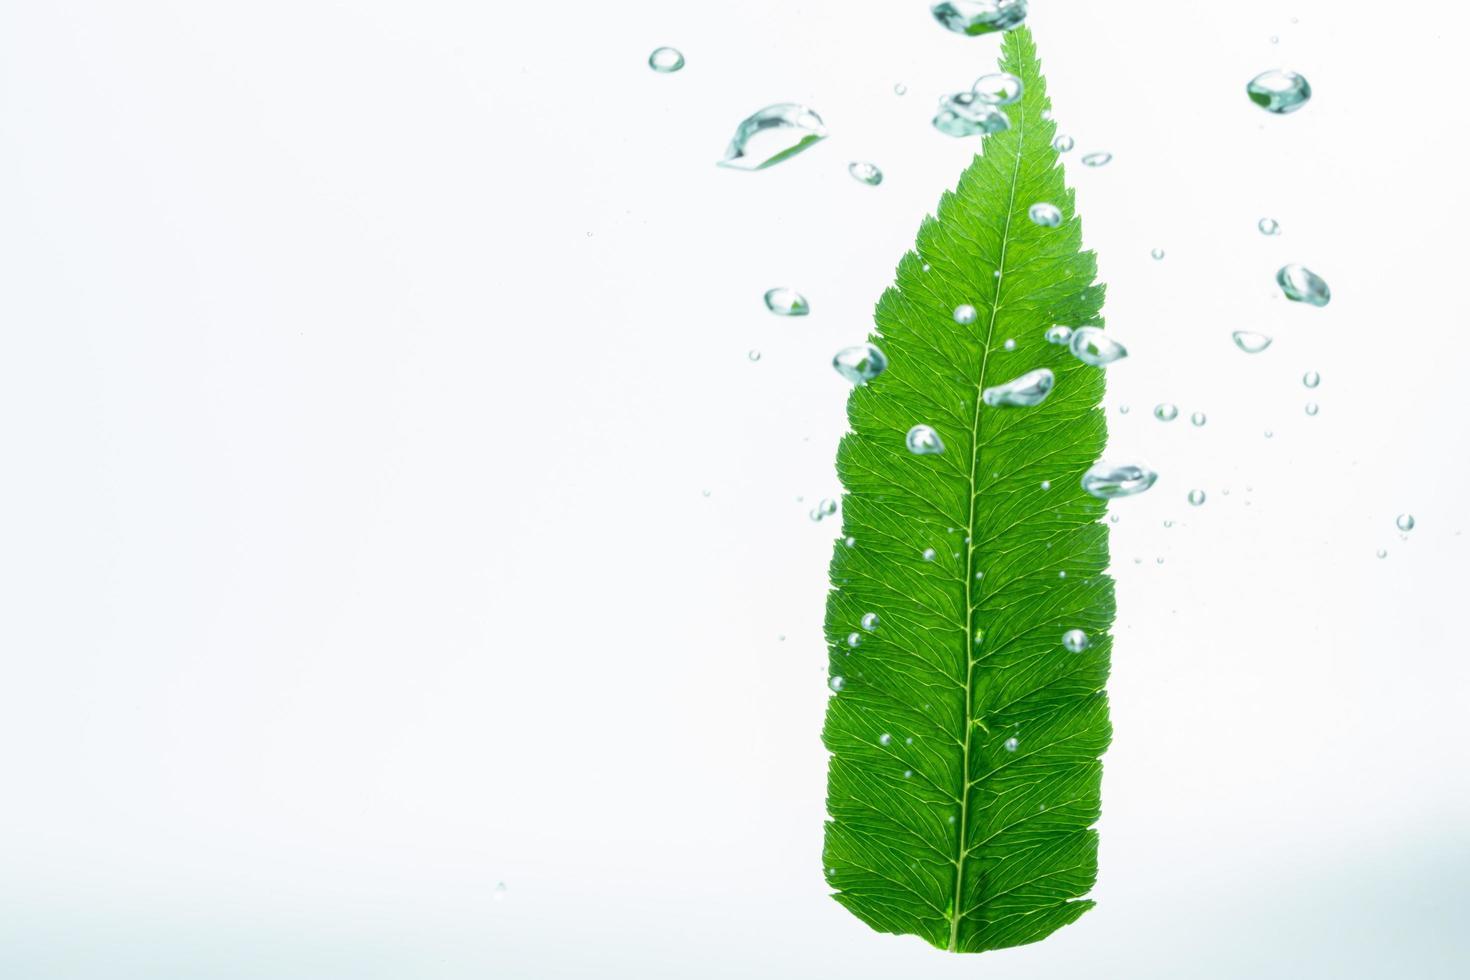 folha verde e bolhas na água foto